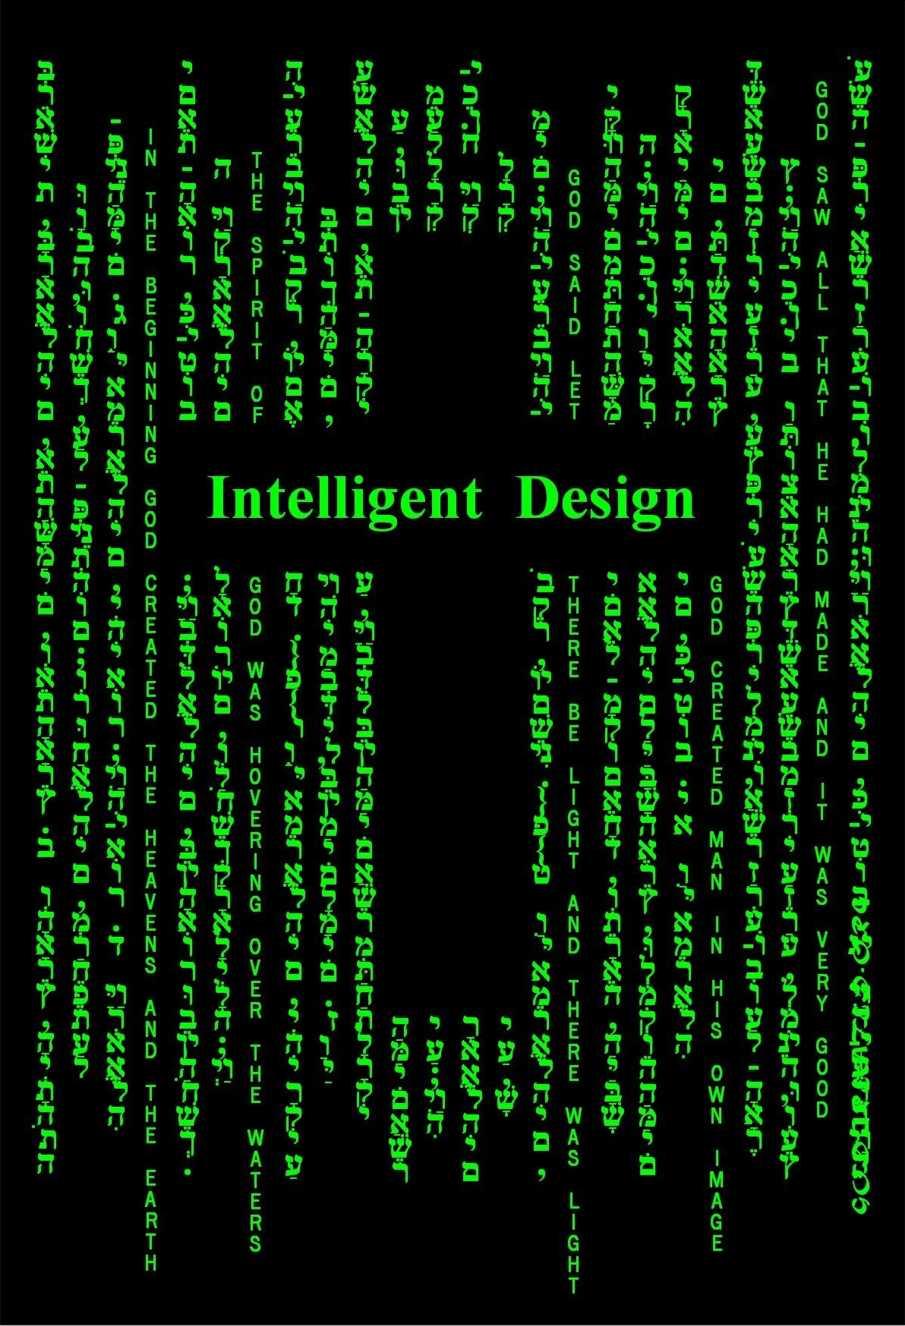 Dystopian Literature and Film – The Matrix and V for Vendetta